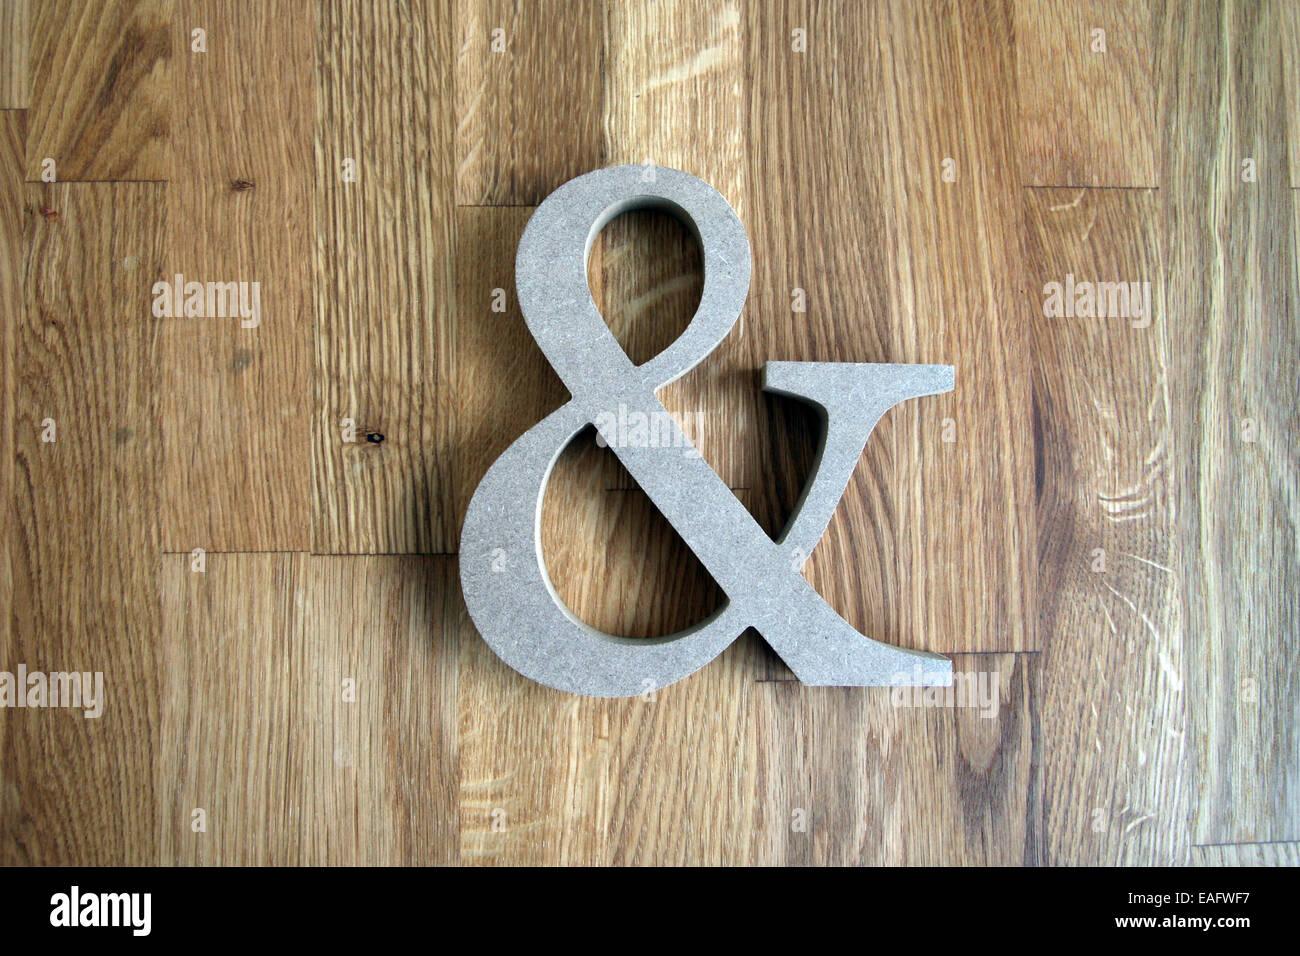 Holz Brett Maserung Und Zeichen Aus Holzbrett Struktur Strukturen